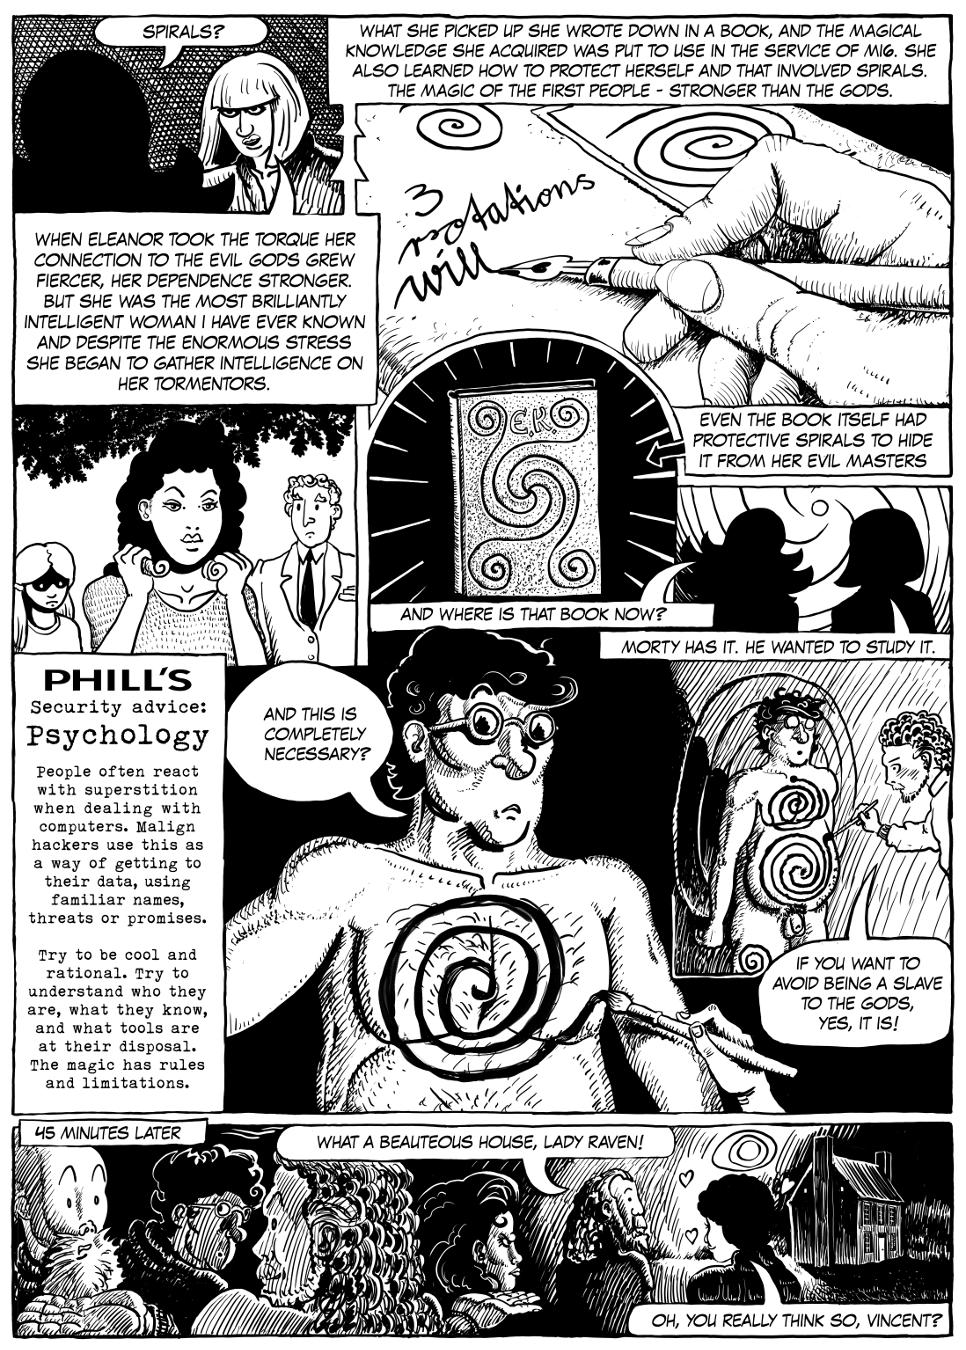 065-Spirals